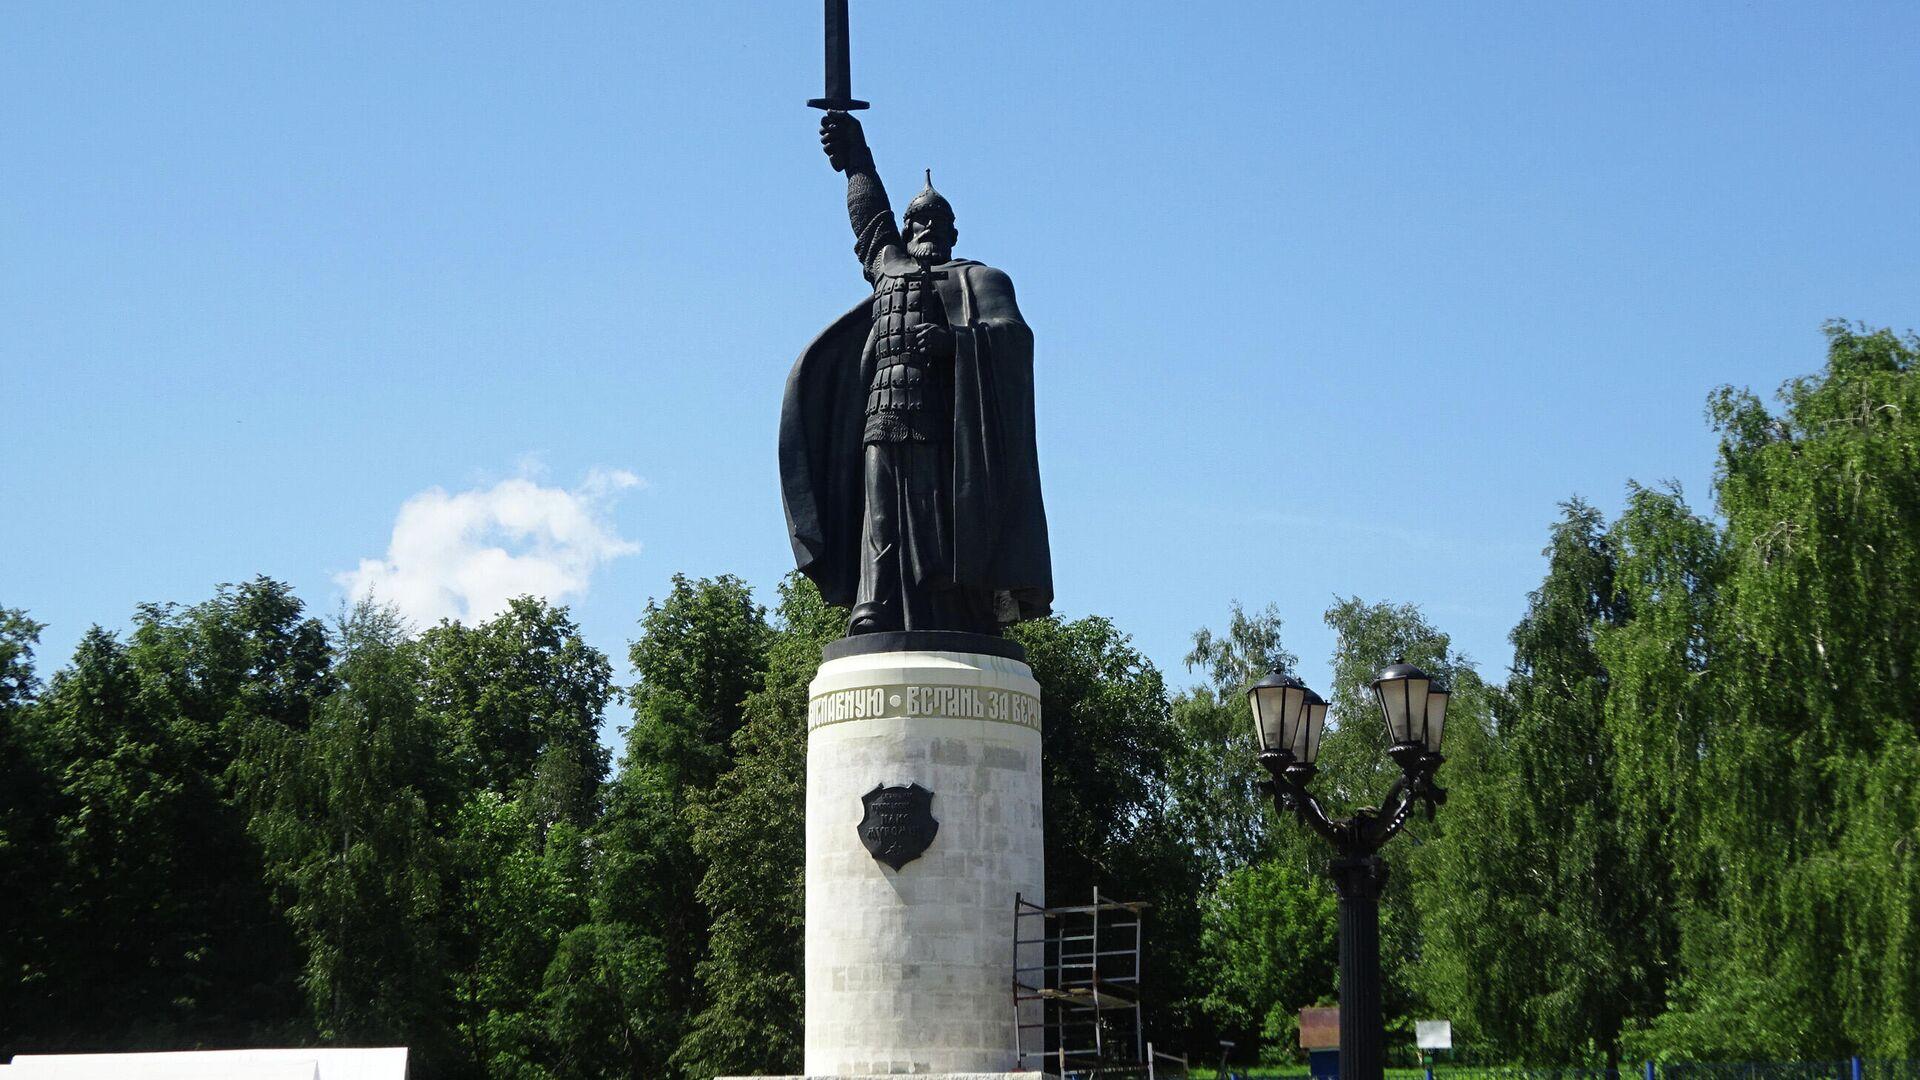 Памятник Илье Муромцу. От него можно спуститься к городскому пляжу - РИА Новости, 1920, 08.07.2021